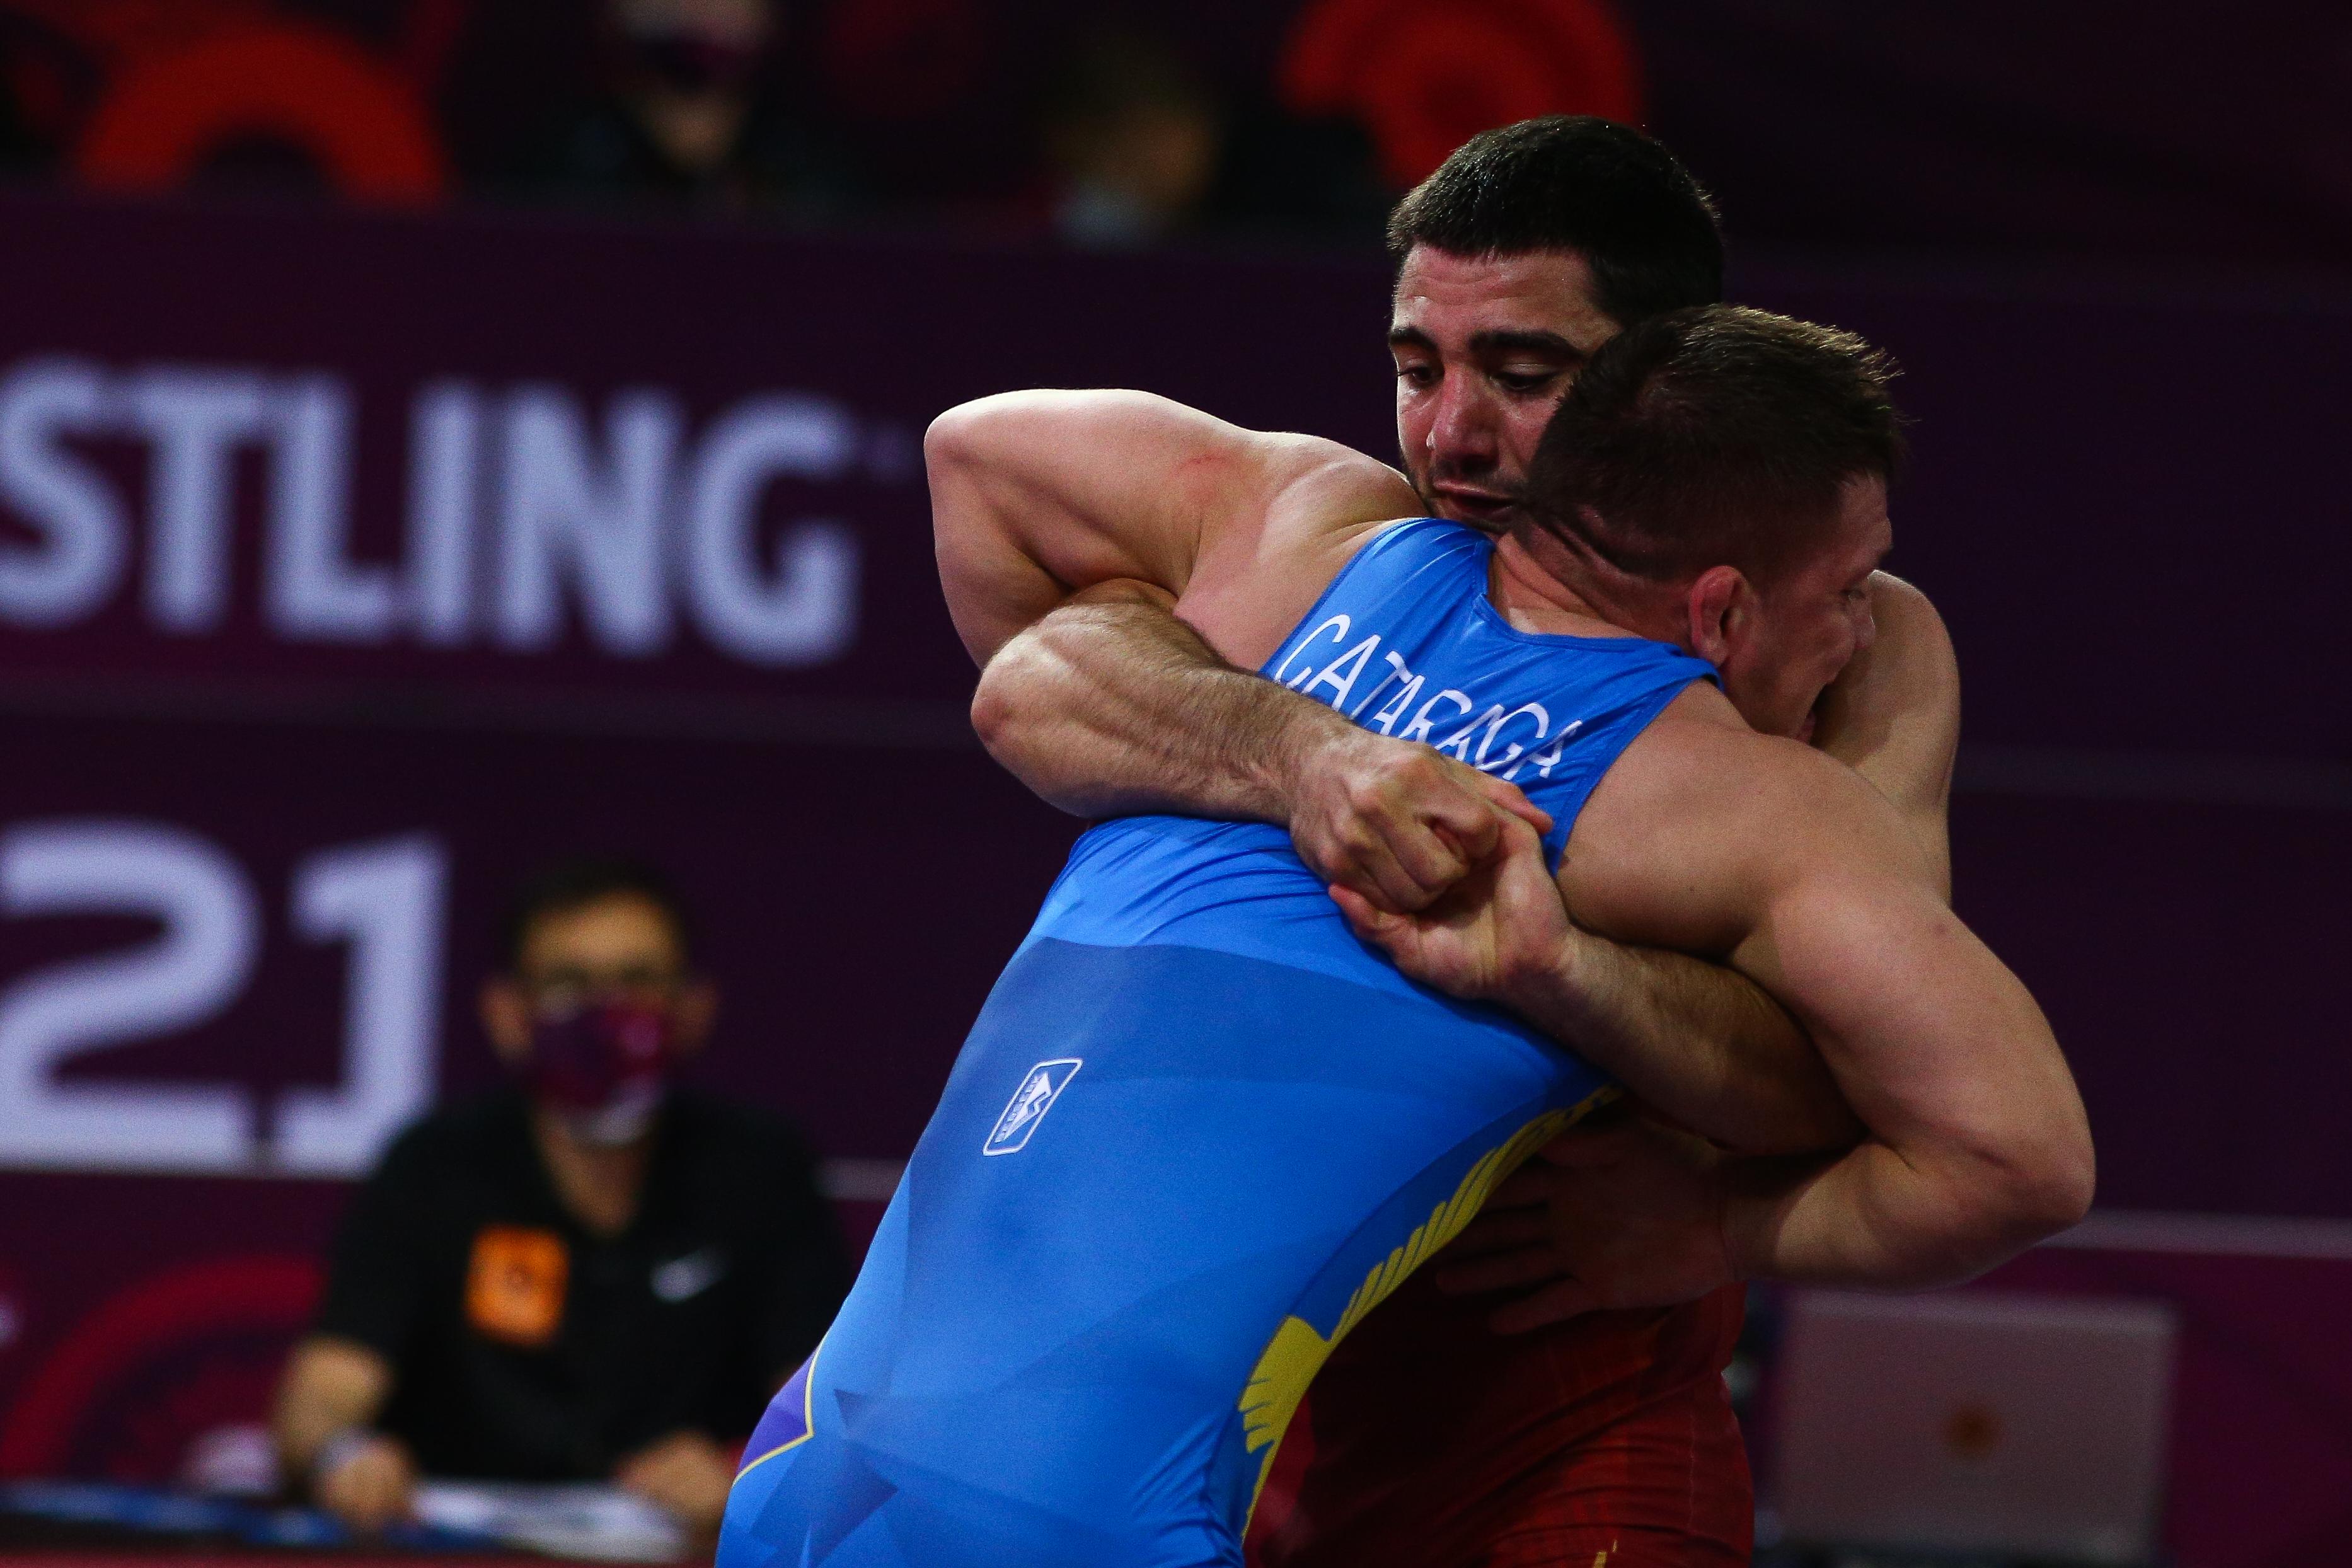 Само Мнацаканян остана с шанс за виза за Олимпиадата